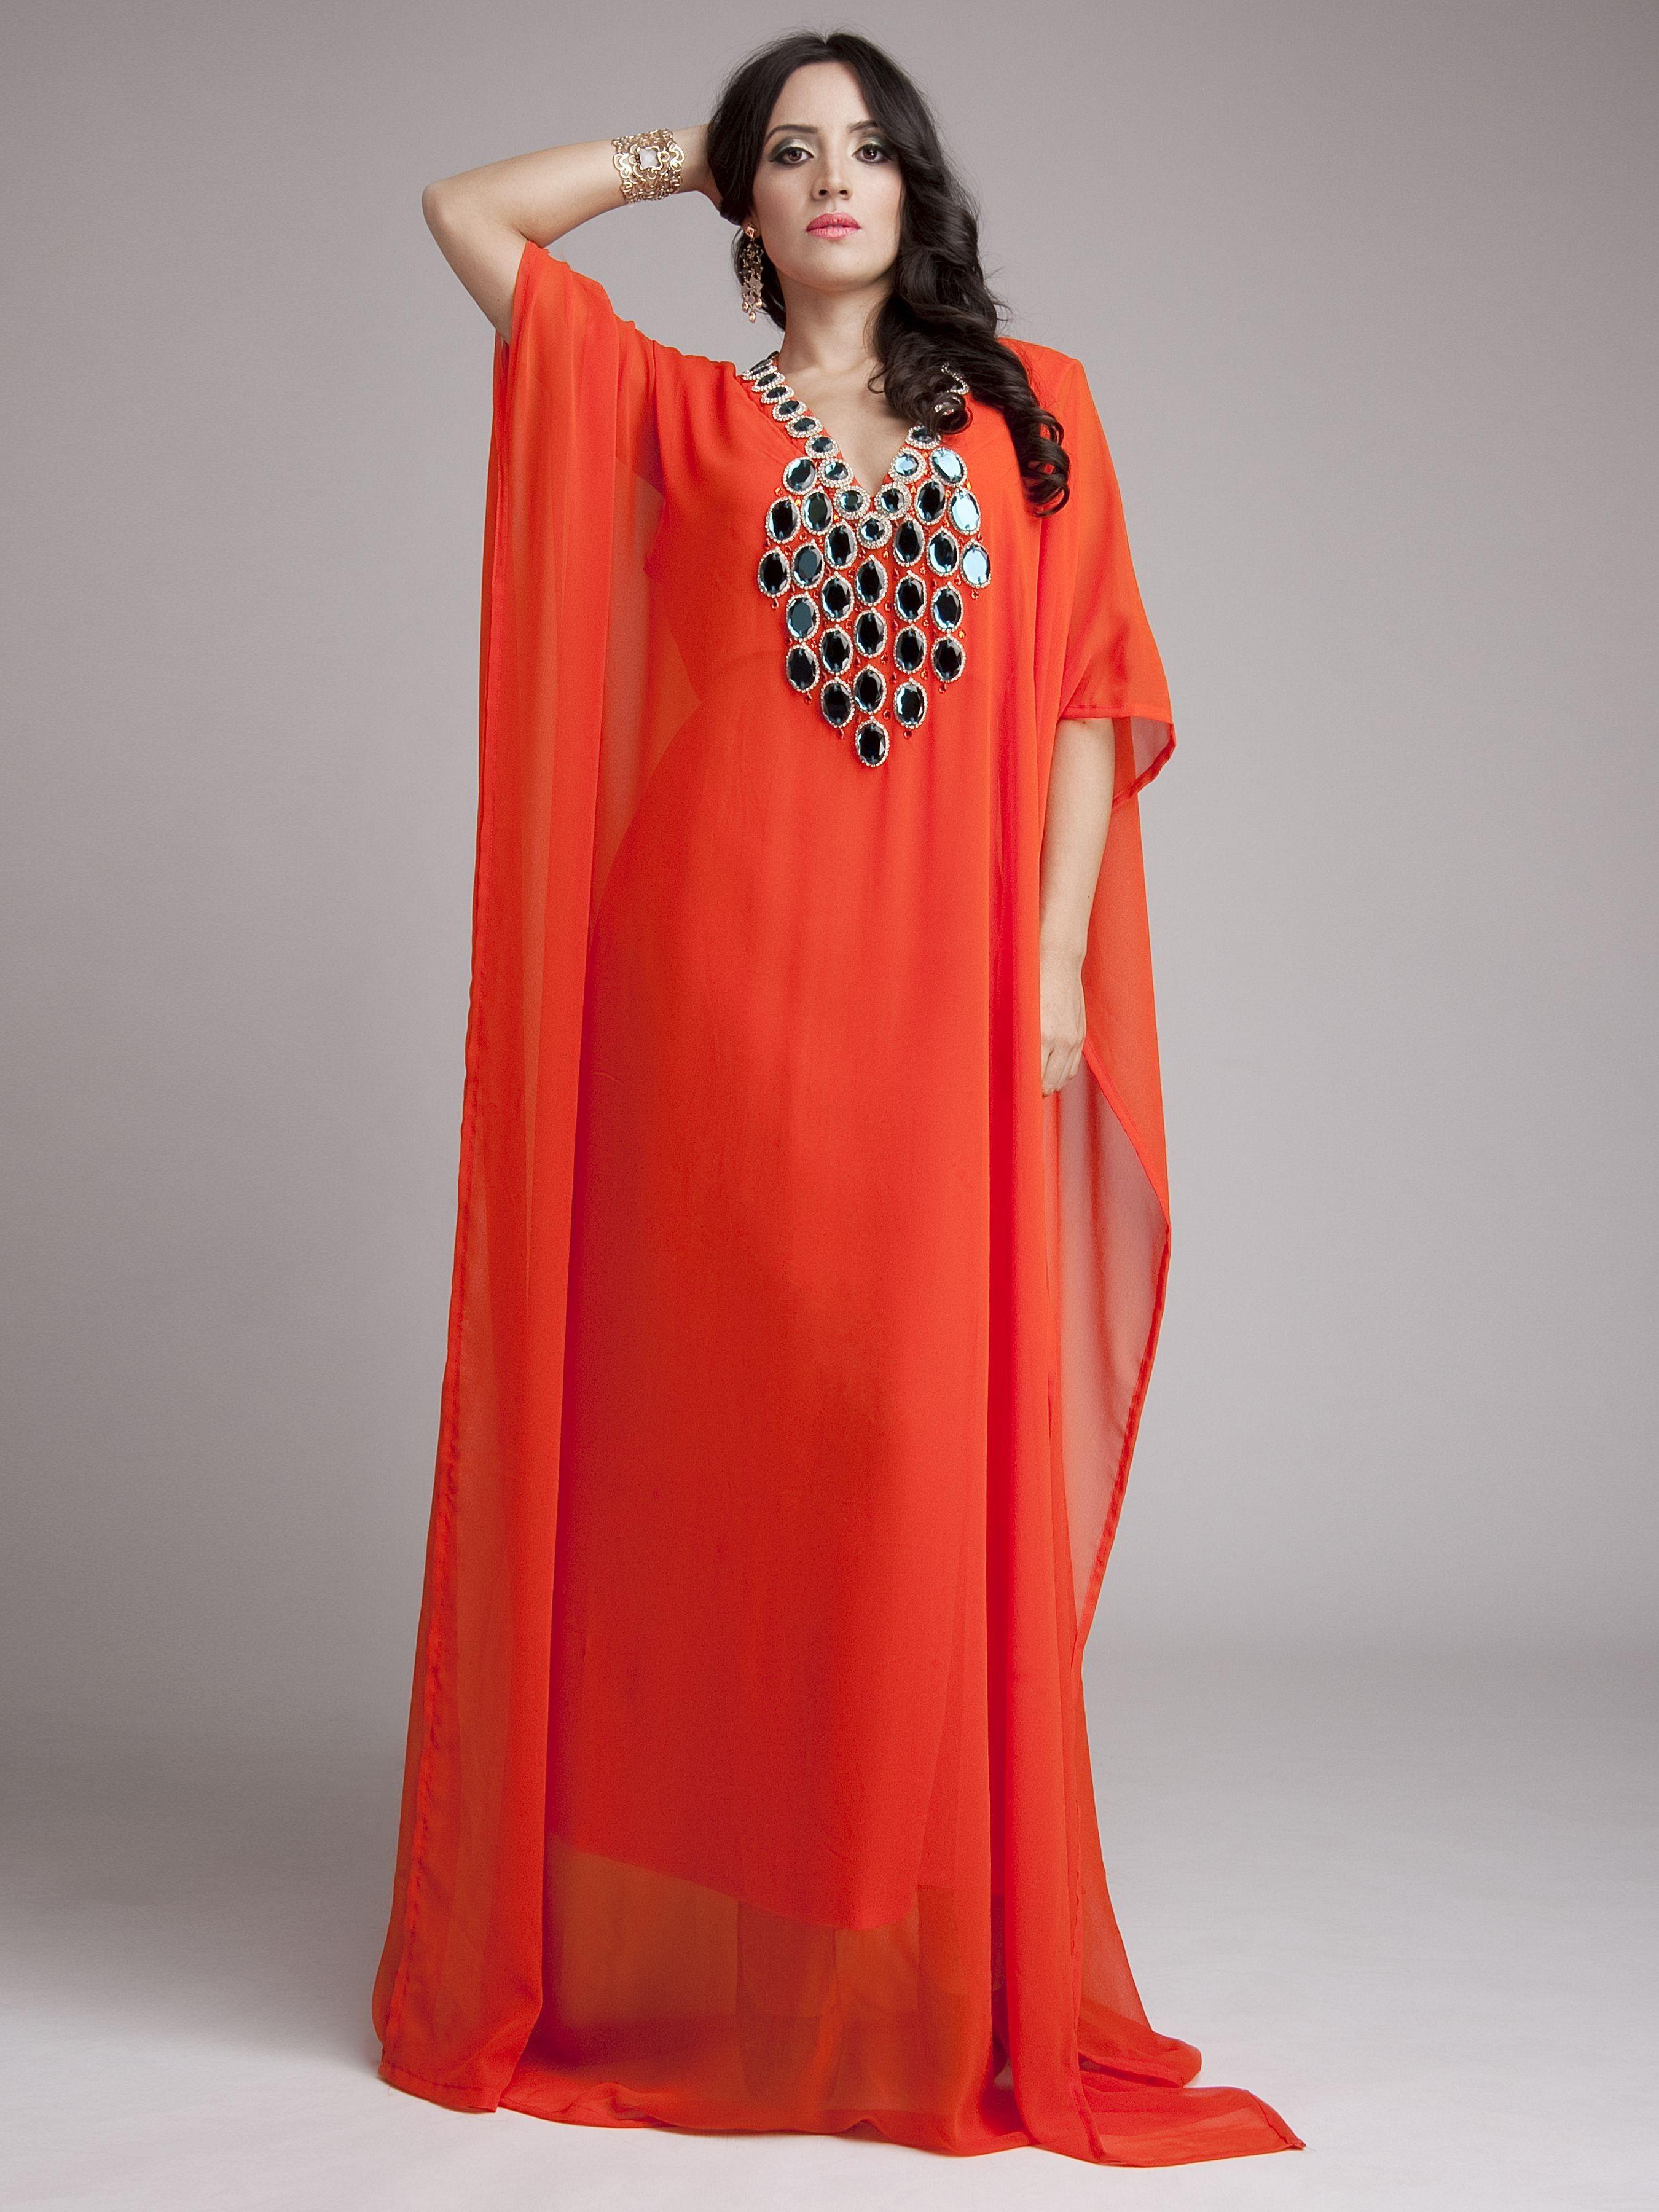 847673cf1fea4 Shriya Saran Orange Raw Silk Dress With Heavy Dupatta